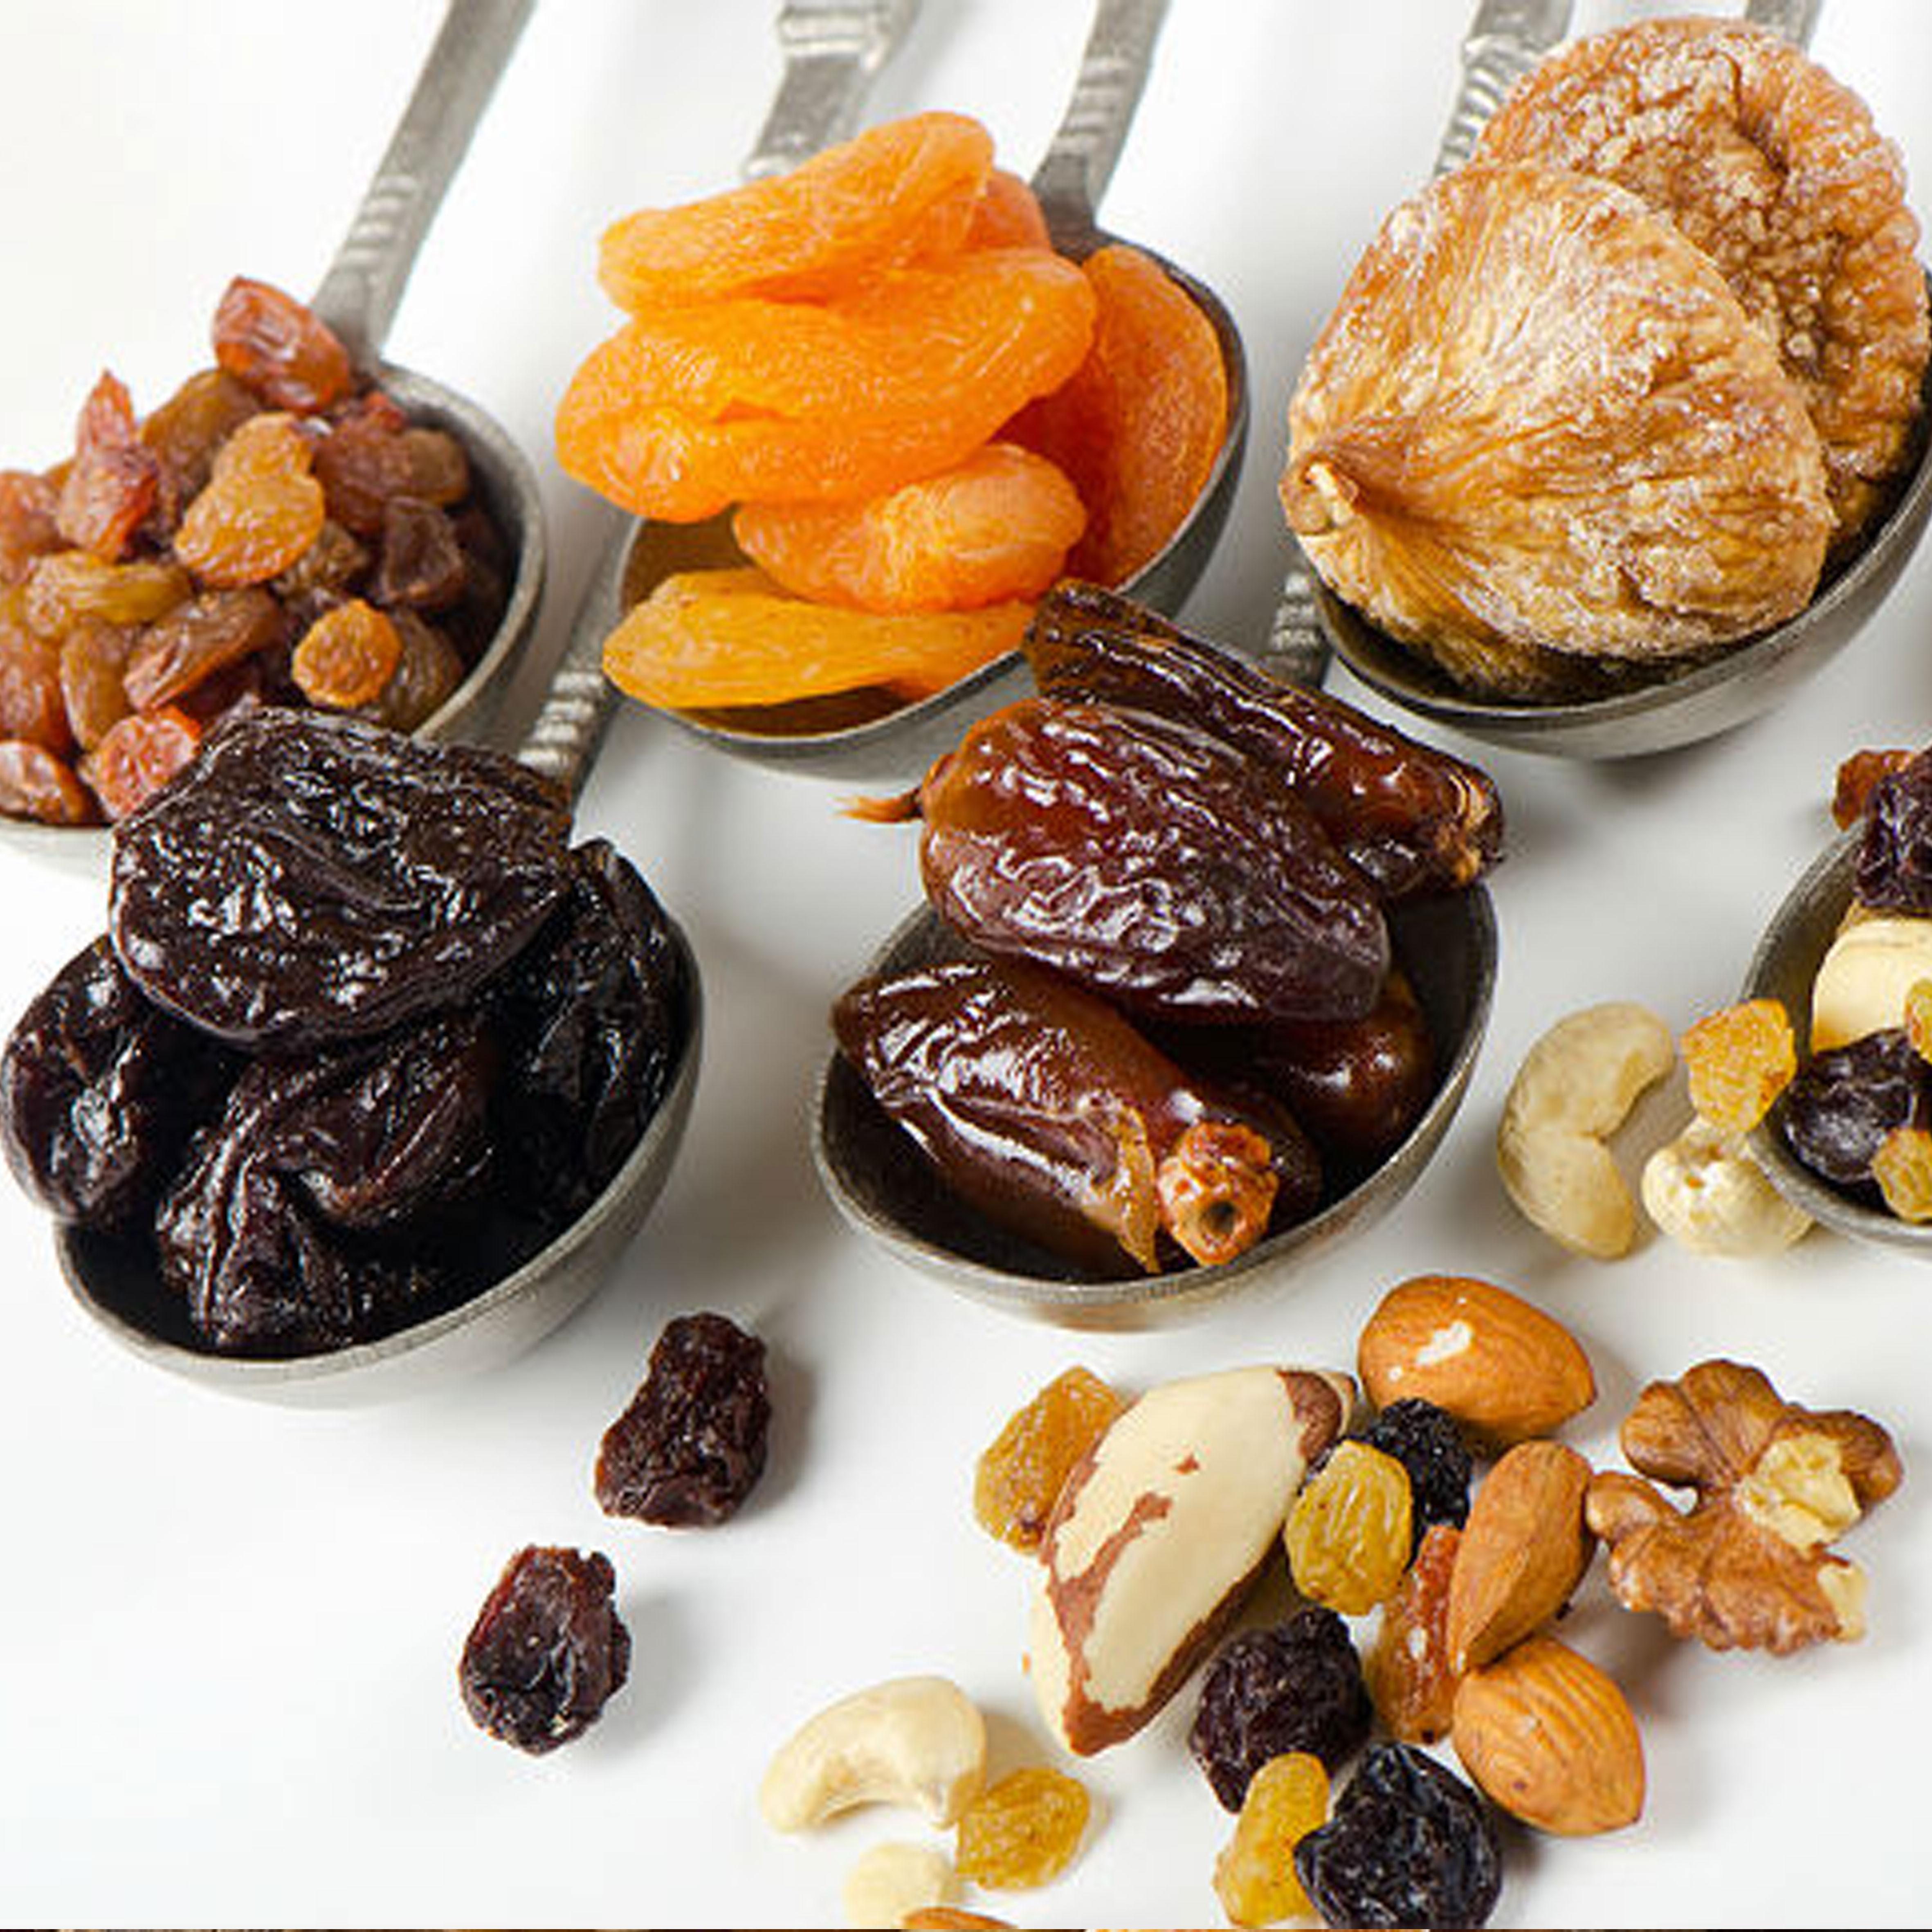 მშრალი ხილის წონის თანაფარდობის განსაზღვრა